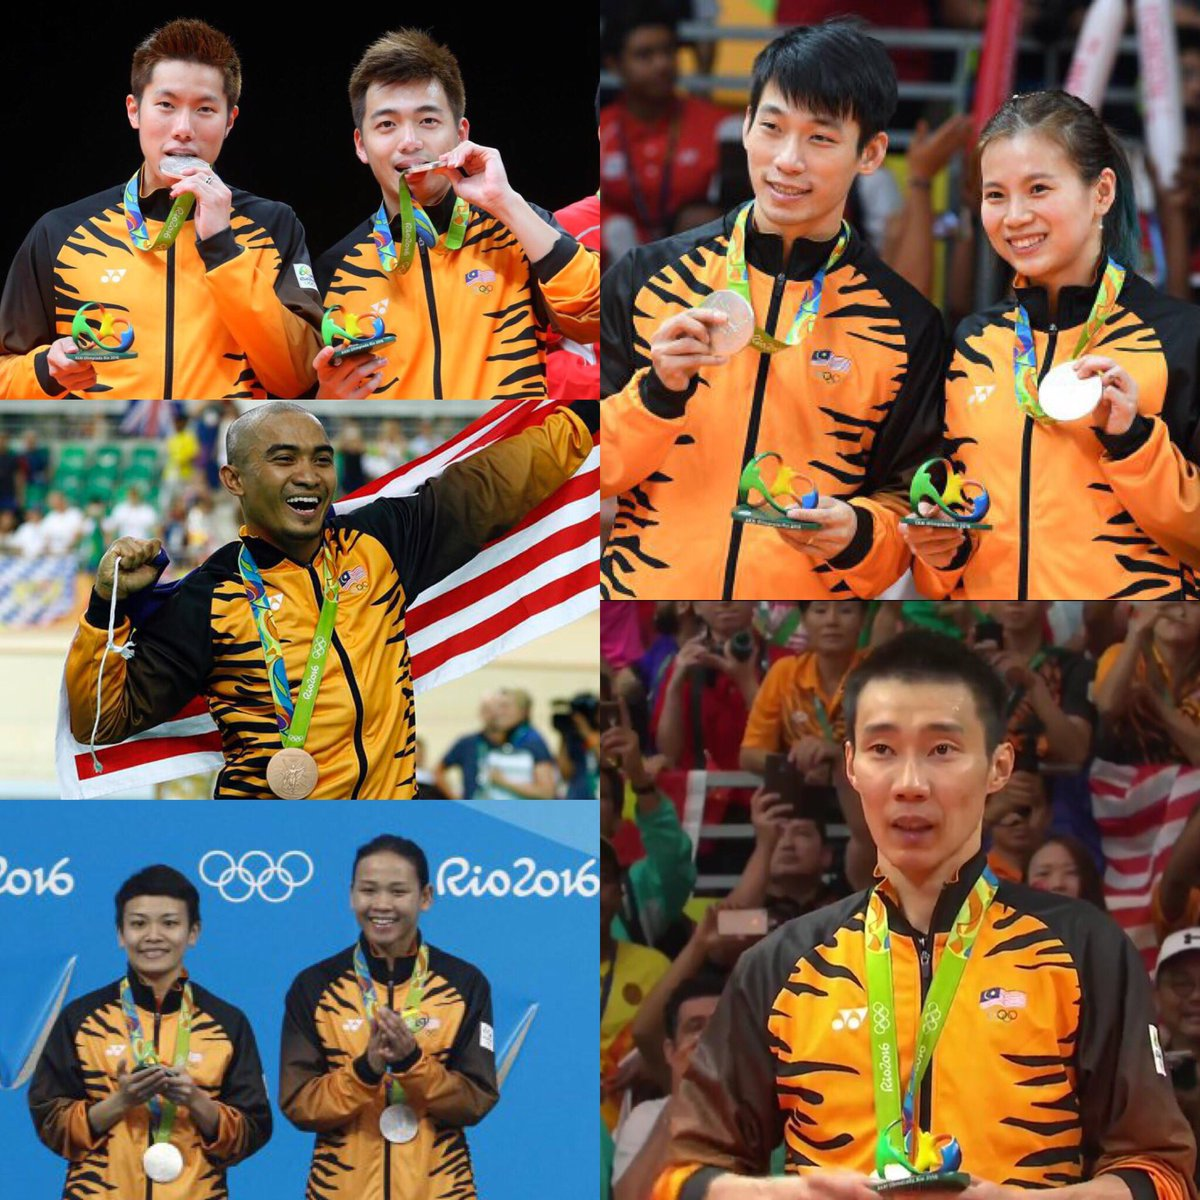 Tak kira pingat apa sekali pon. TERIMA KASIH kerana menyatukan kita semua! #Olympics #MAS #WeLoveyouTeamMalaysia https://t.co/JTHQmRfP6i